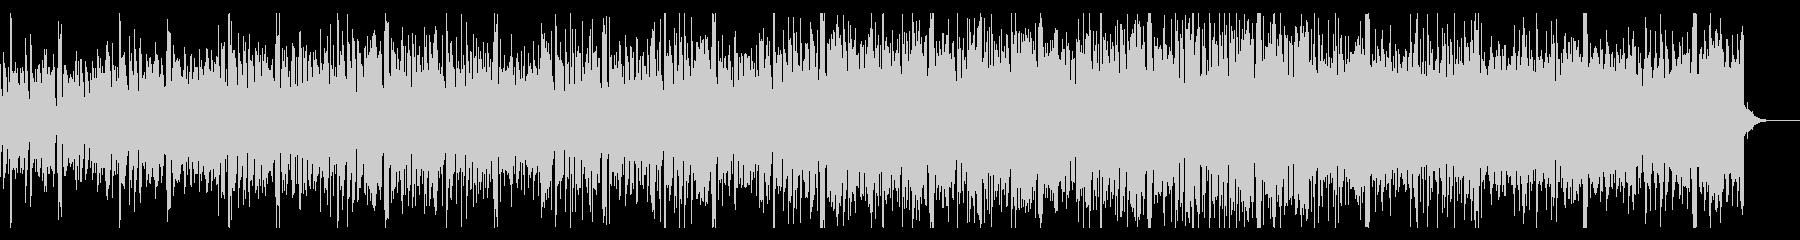 シンプルに進展するハウス・エレクトロニカの未再生の波形